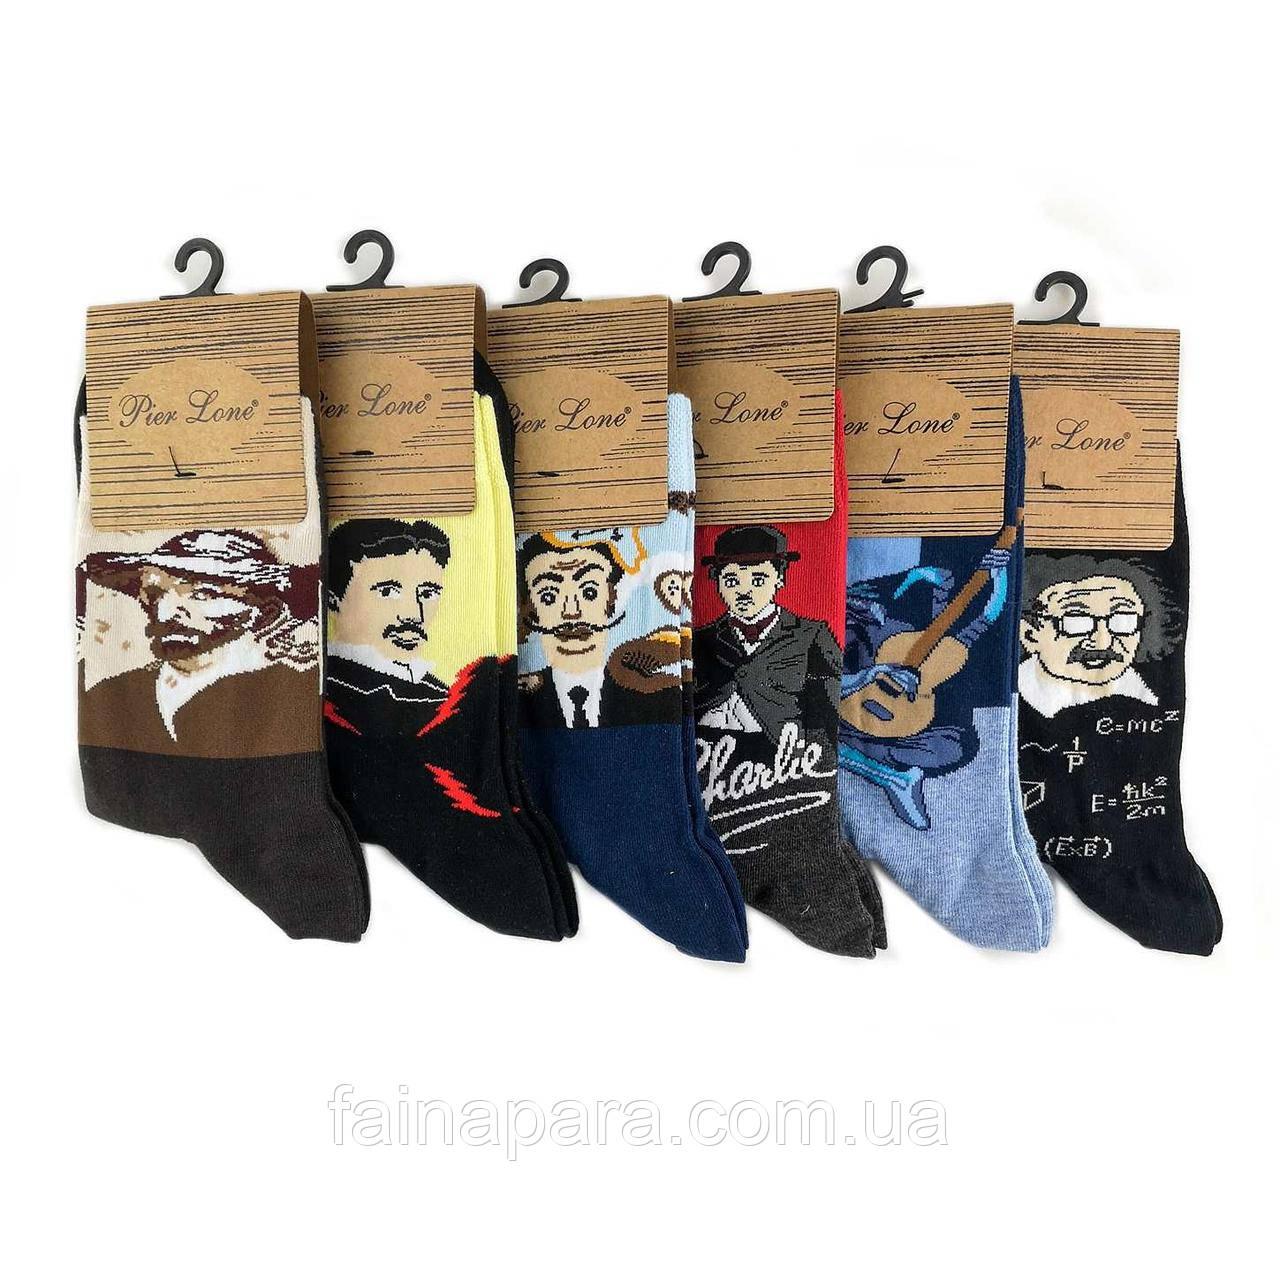 Мужские носки без шва с ярким рисунком